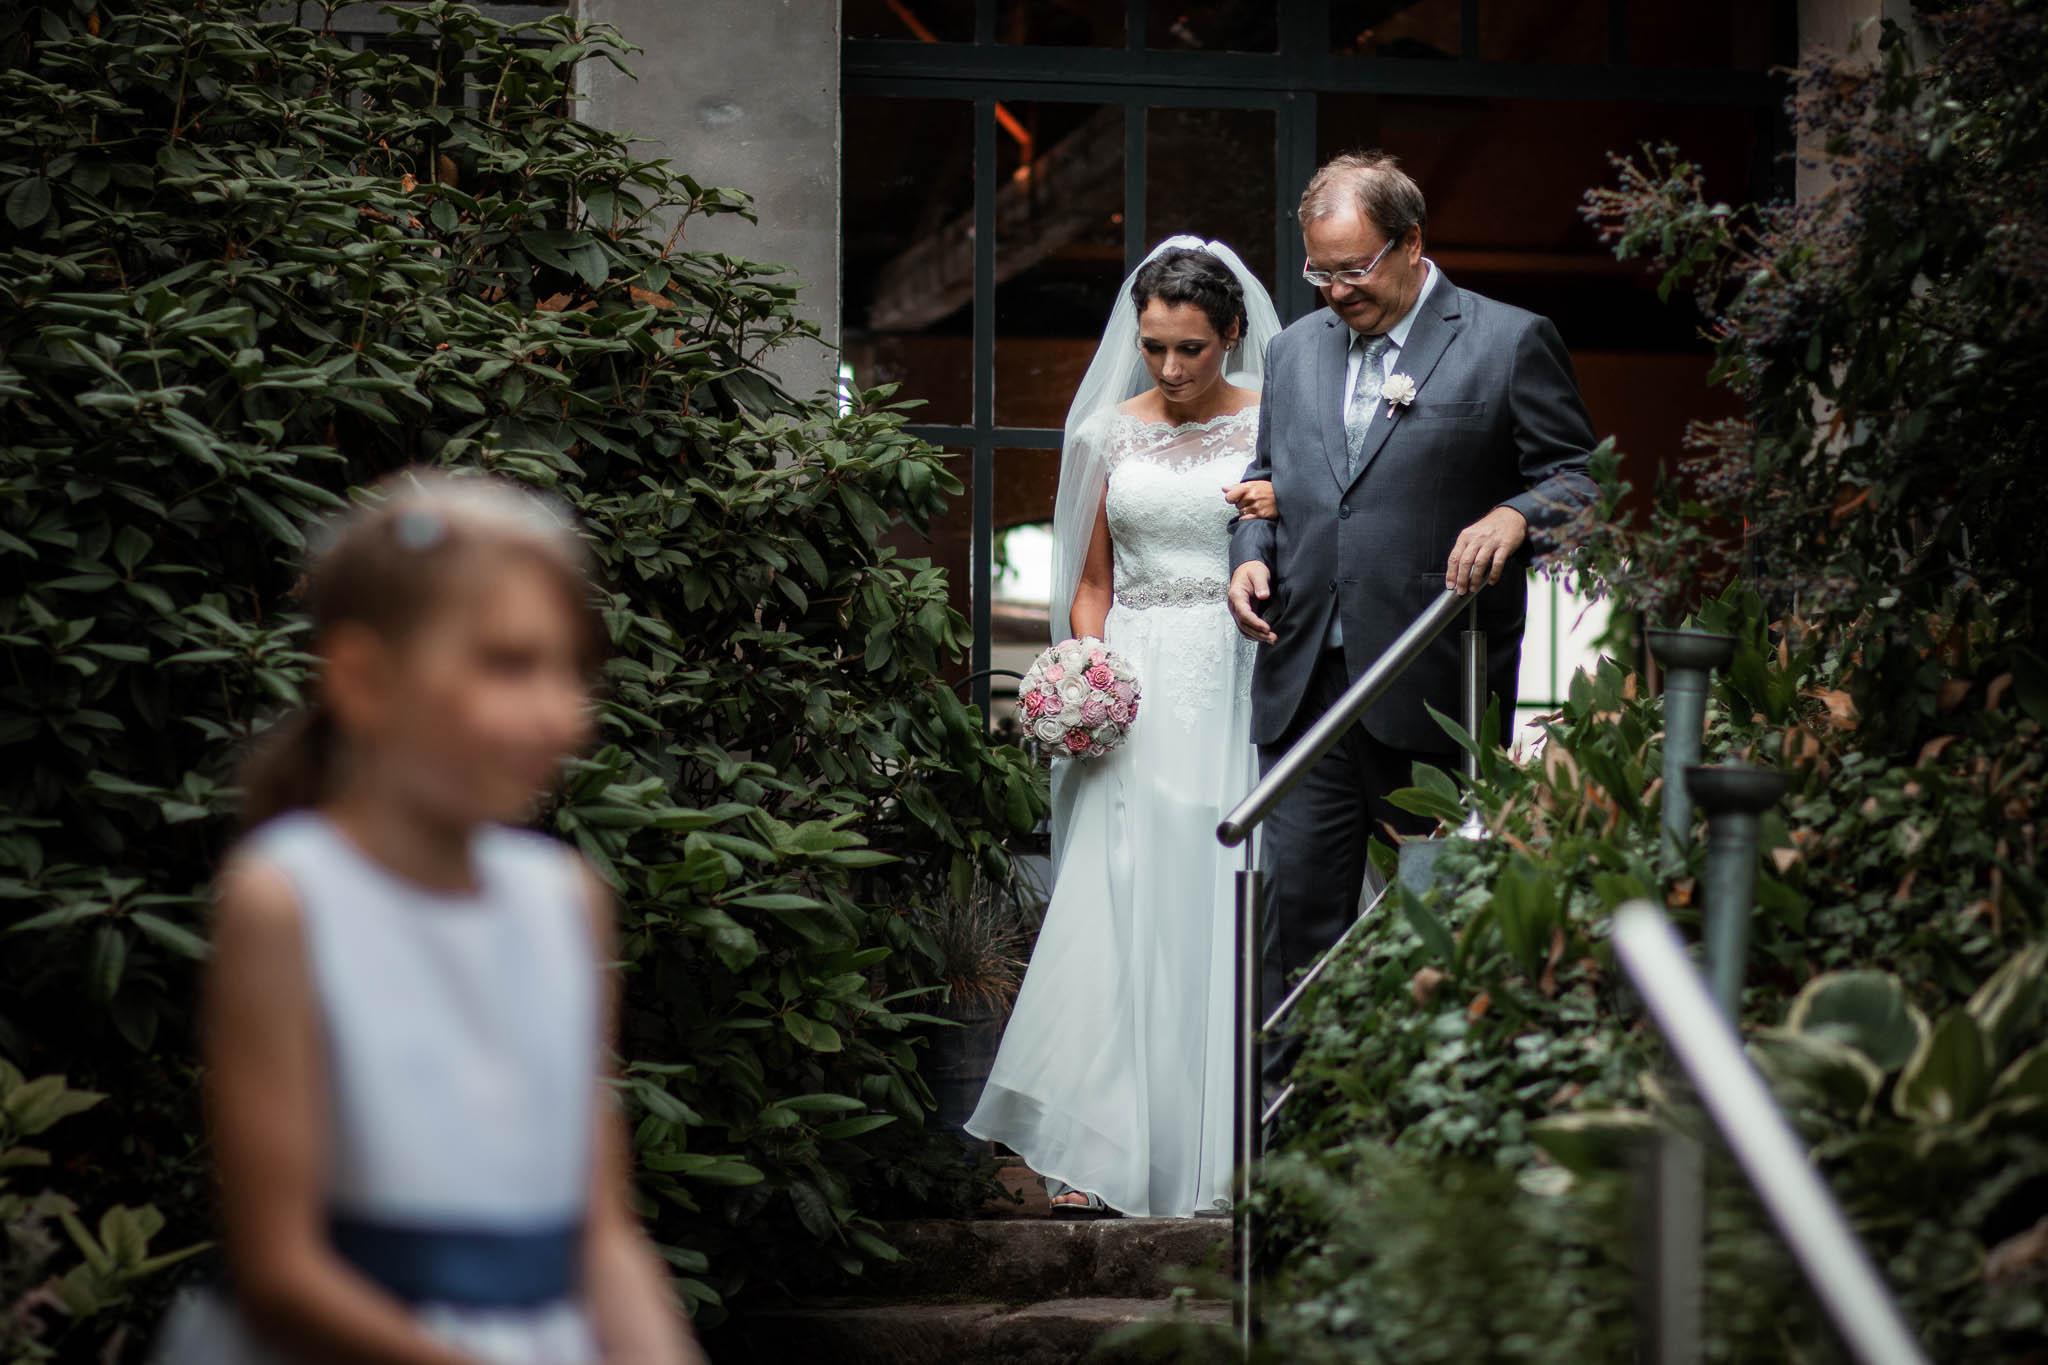 Hochzeitsfotograf Monzernheim: freie Trauung von Sarah & Patrick 20